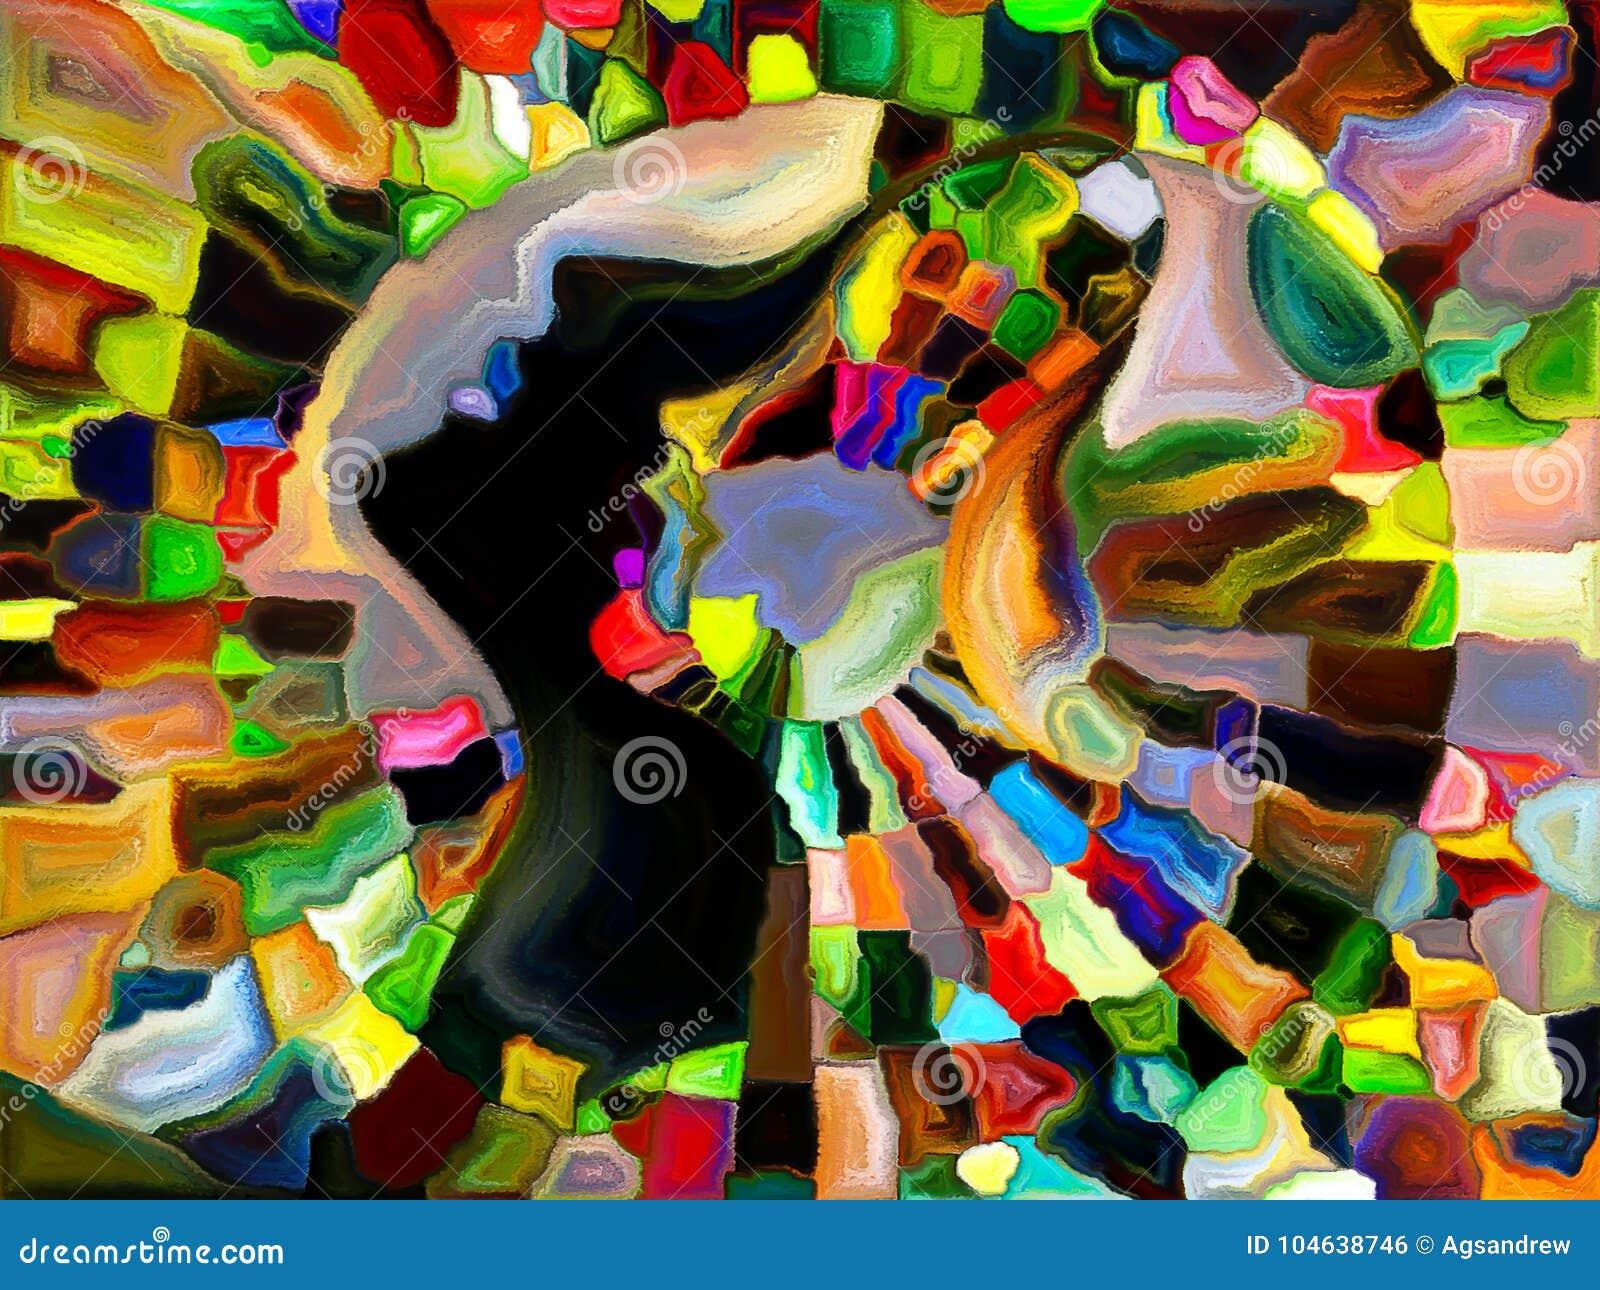 Download Zie Wat ik zie stock illustratie. Illustratie bestaande uit veelkleurig - 104638746